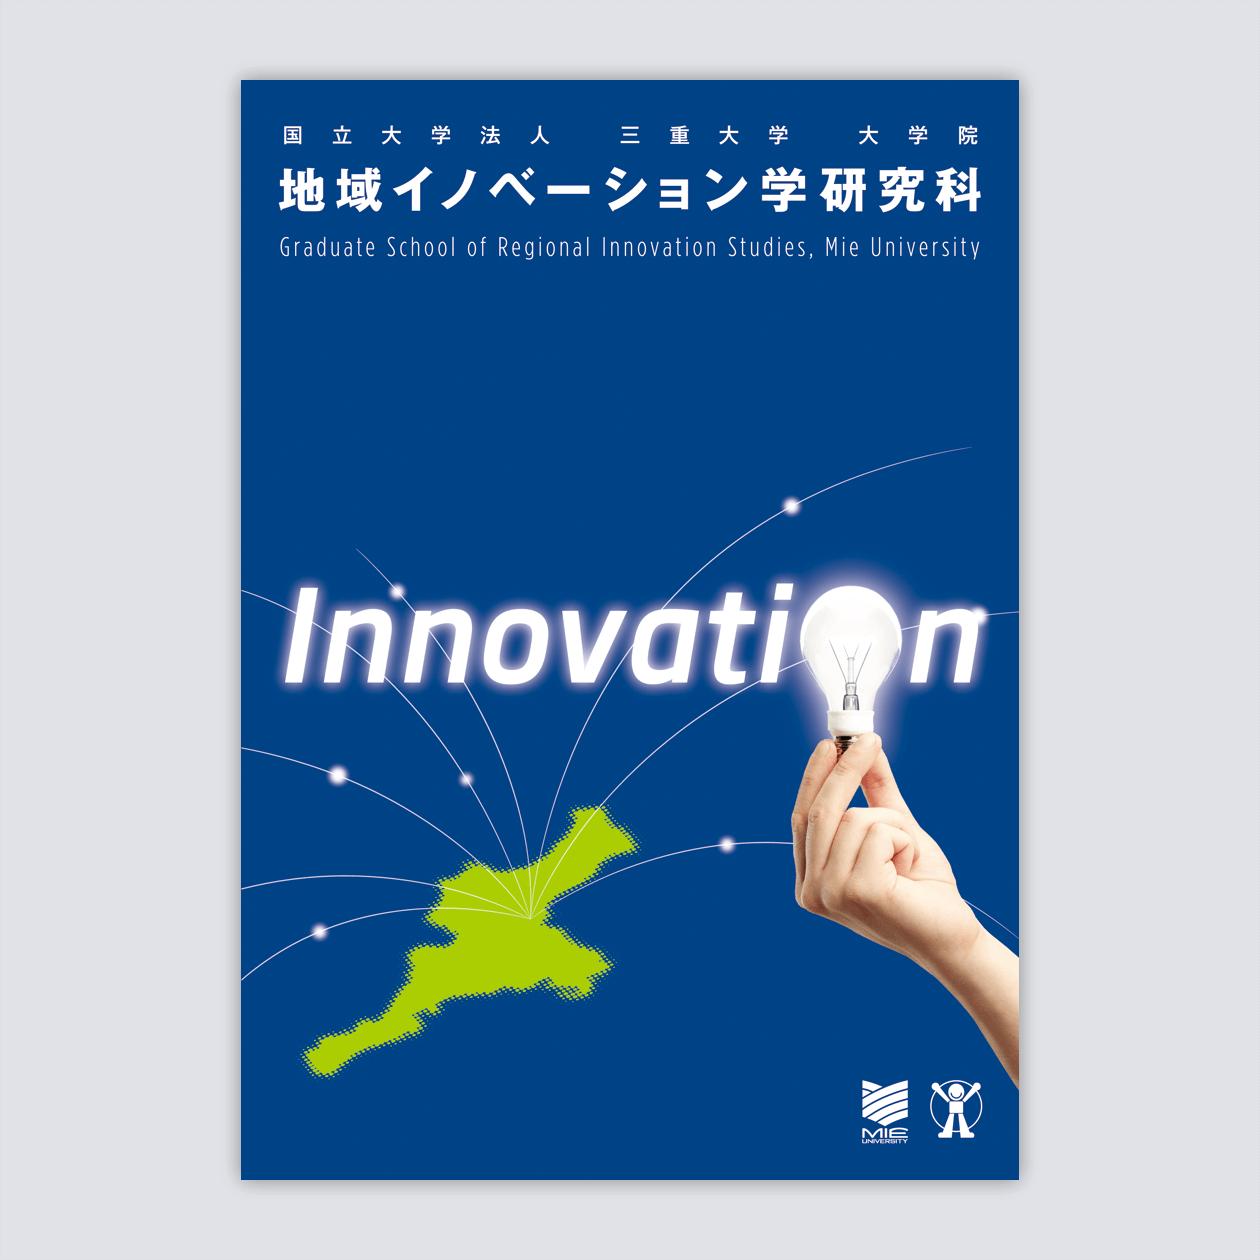 「三重大学大学院地域イノベーション学研究科」パンフレットリニューアル